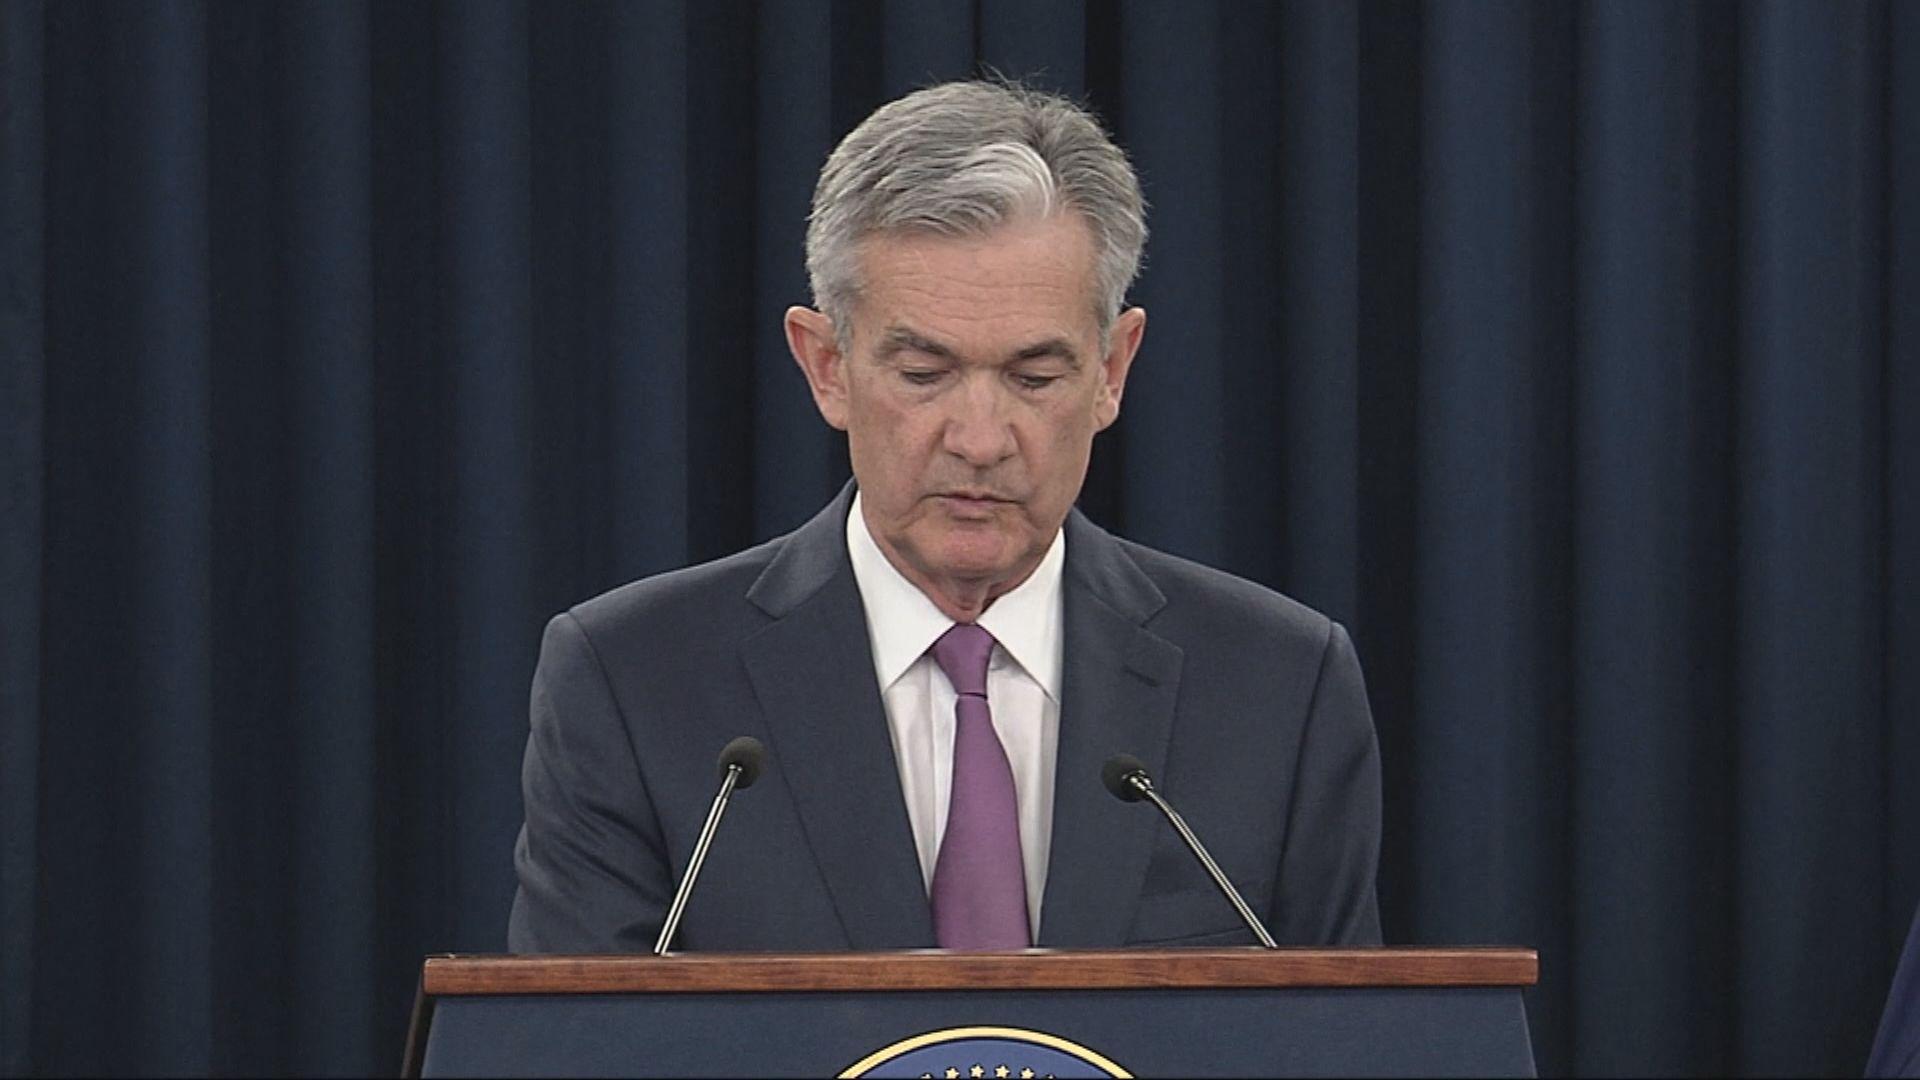 鮑威爾:目前利率水平適中 政策適當